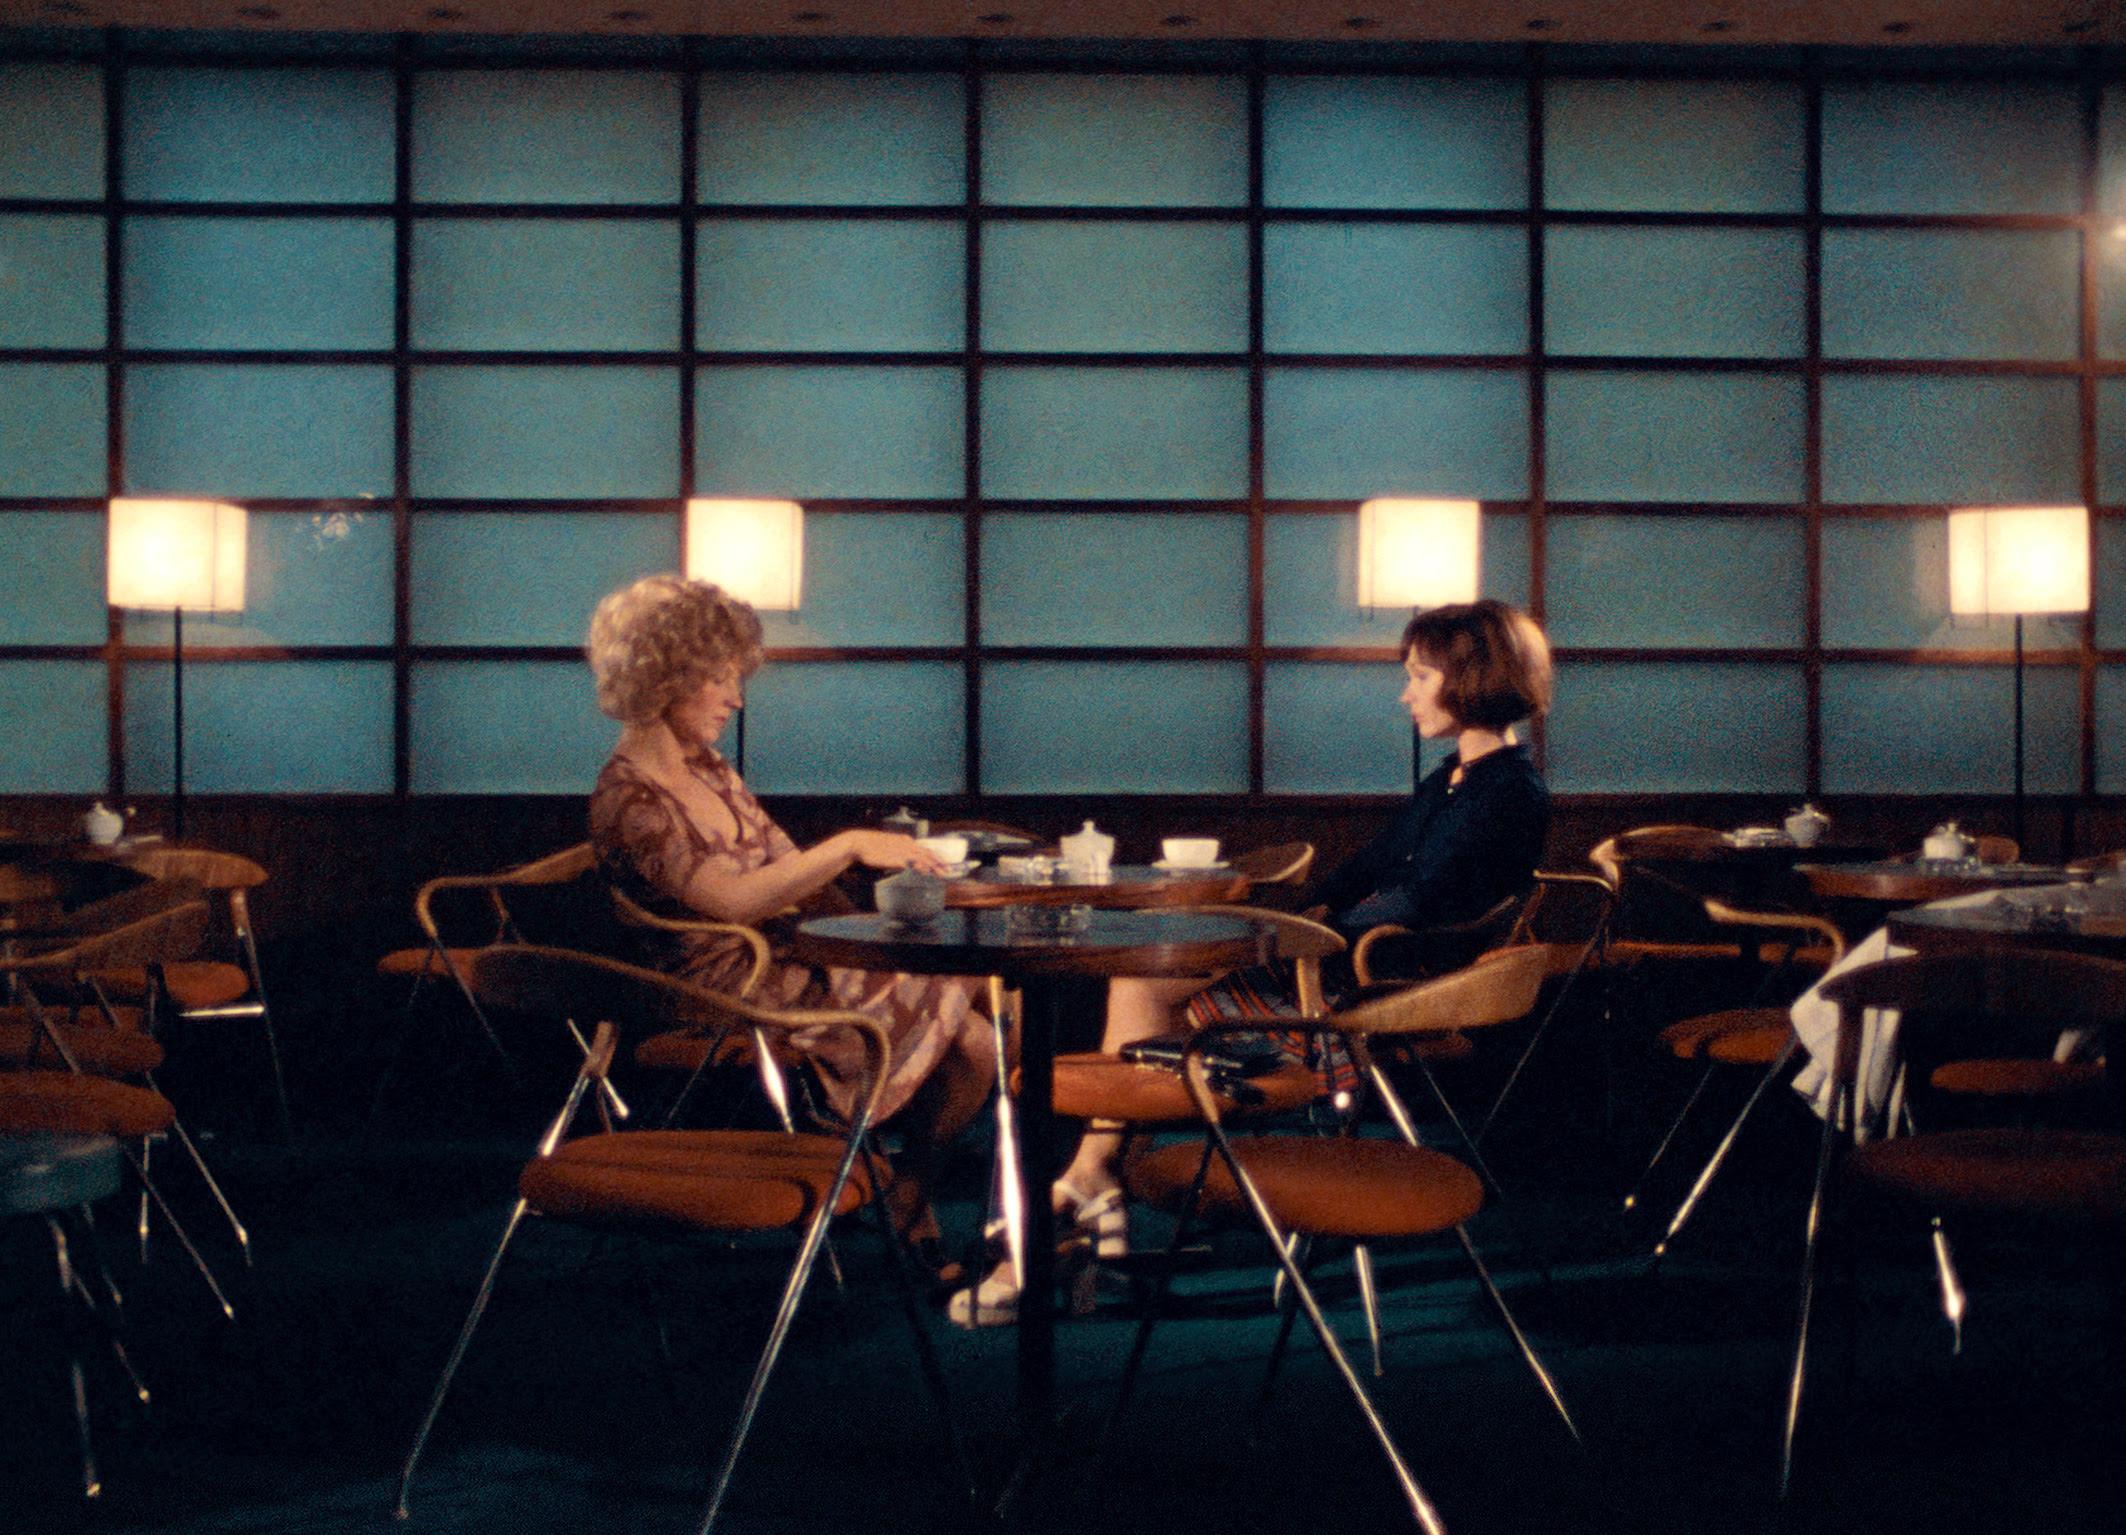 """Series: crítica de """"Ocho horas no hacen un día"""", de Rainer Werner Fassbinder"""